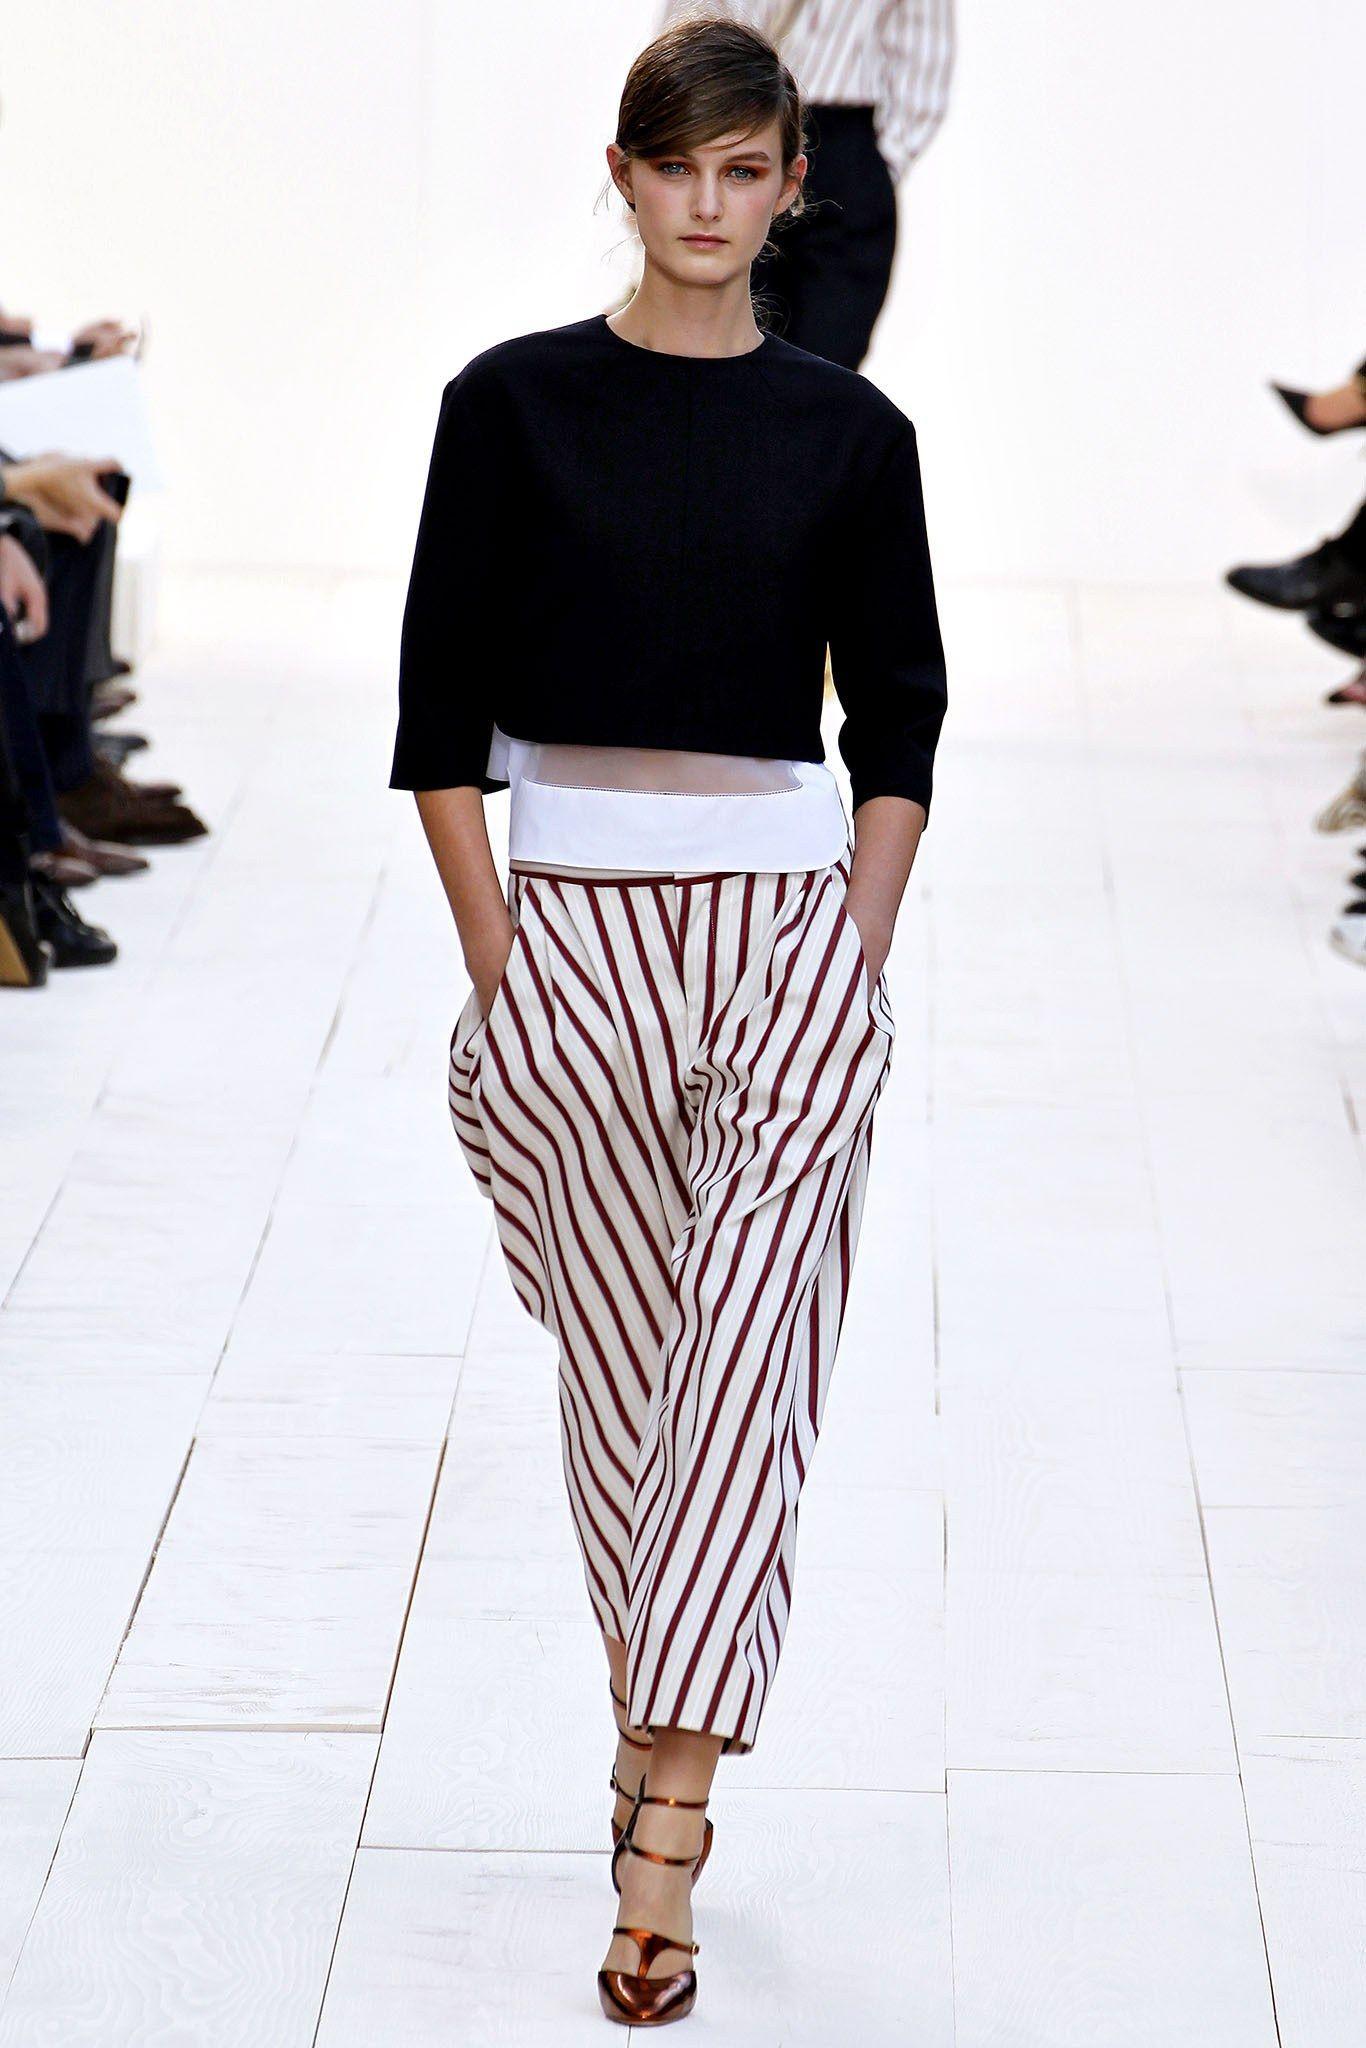 Chloé Spring 2013 Ready-to-Wear Collection Photos - Vogue